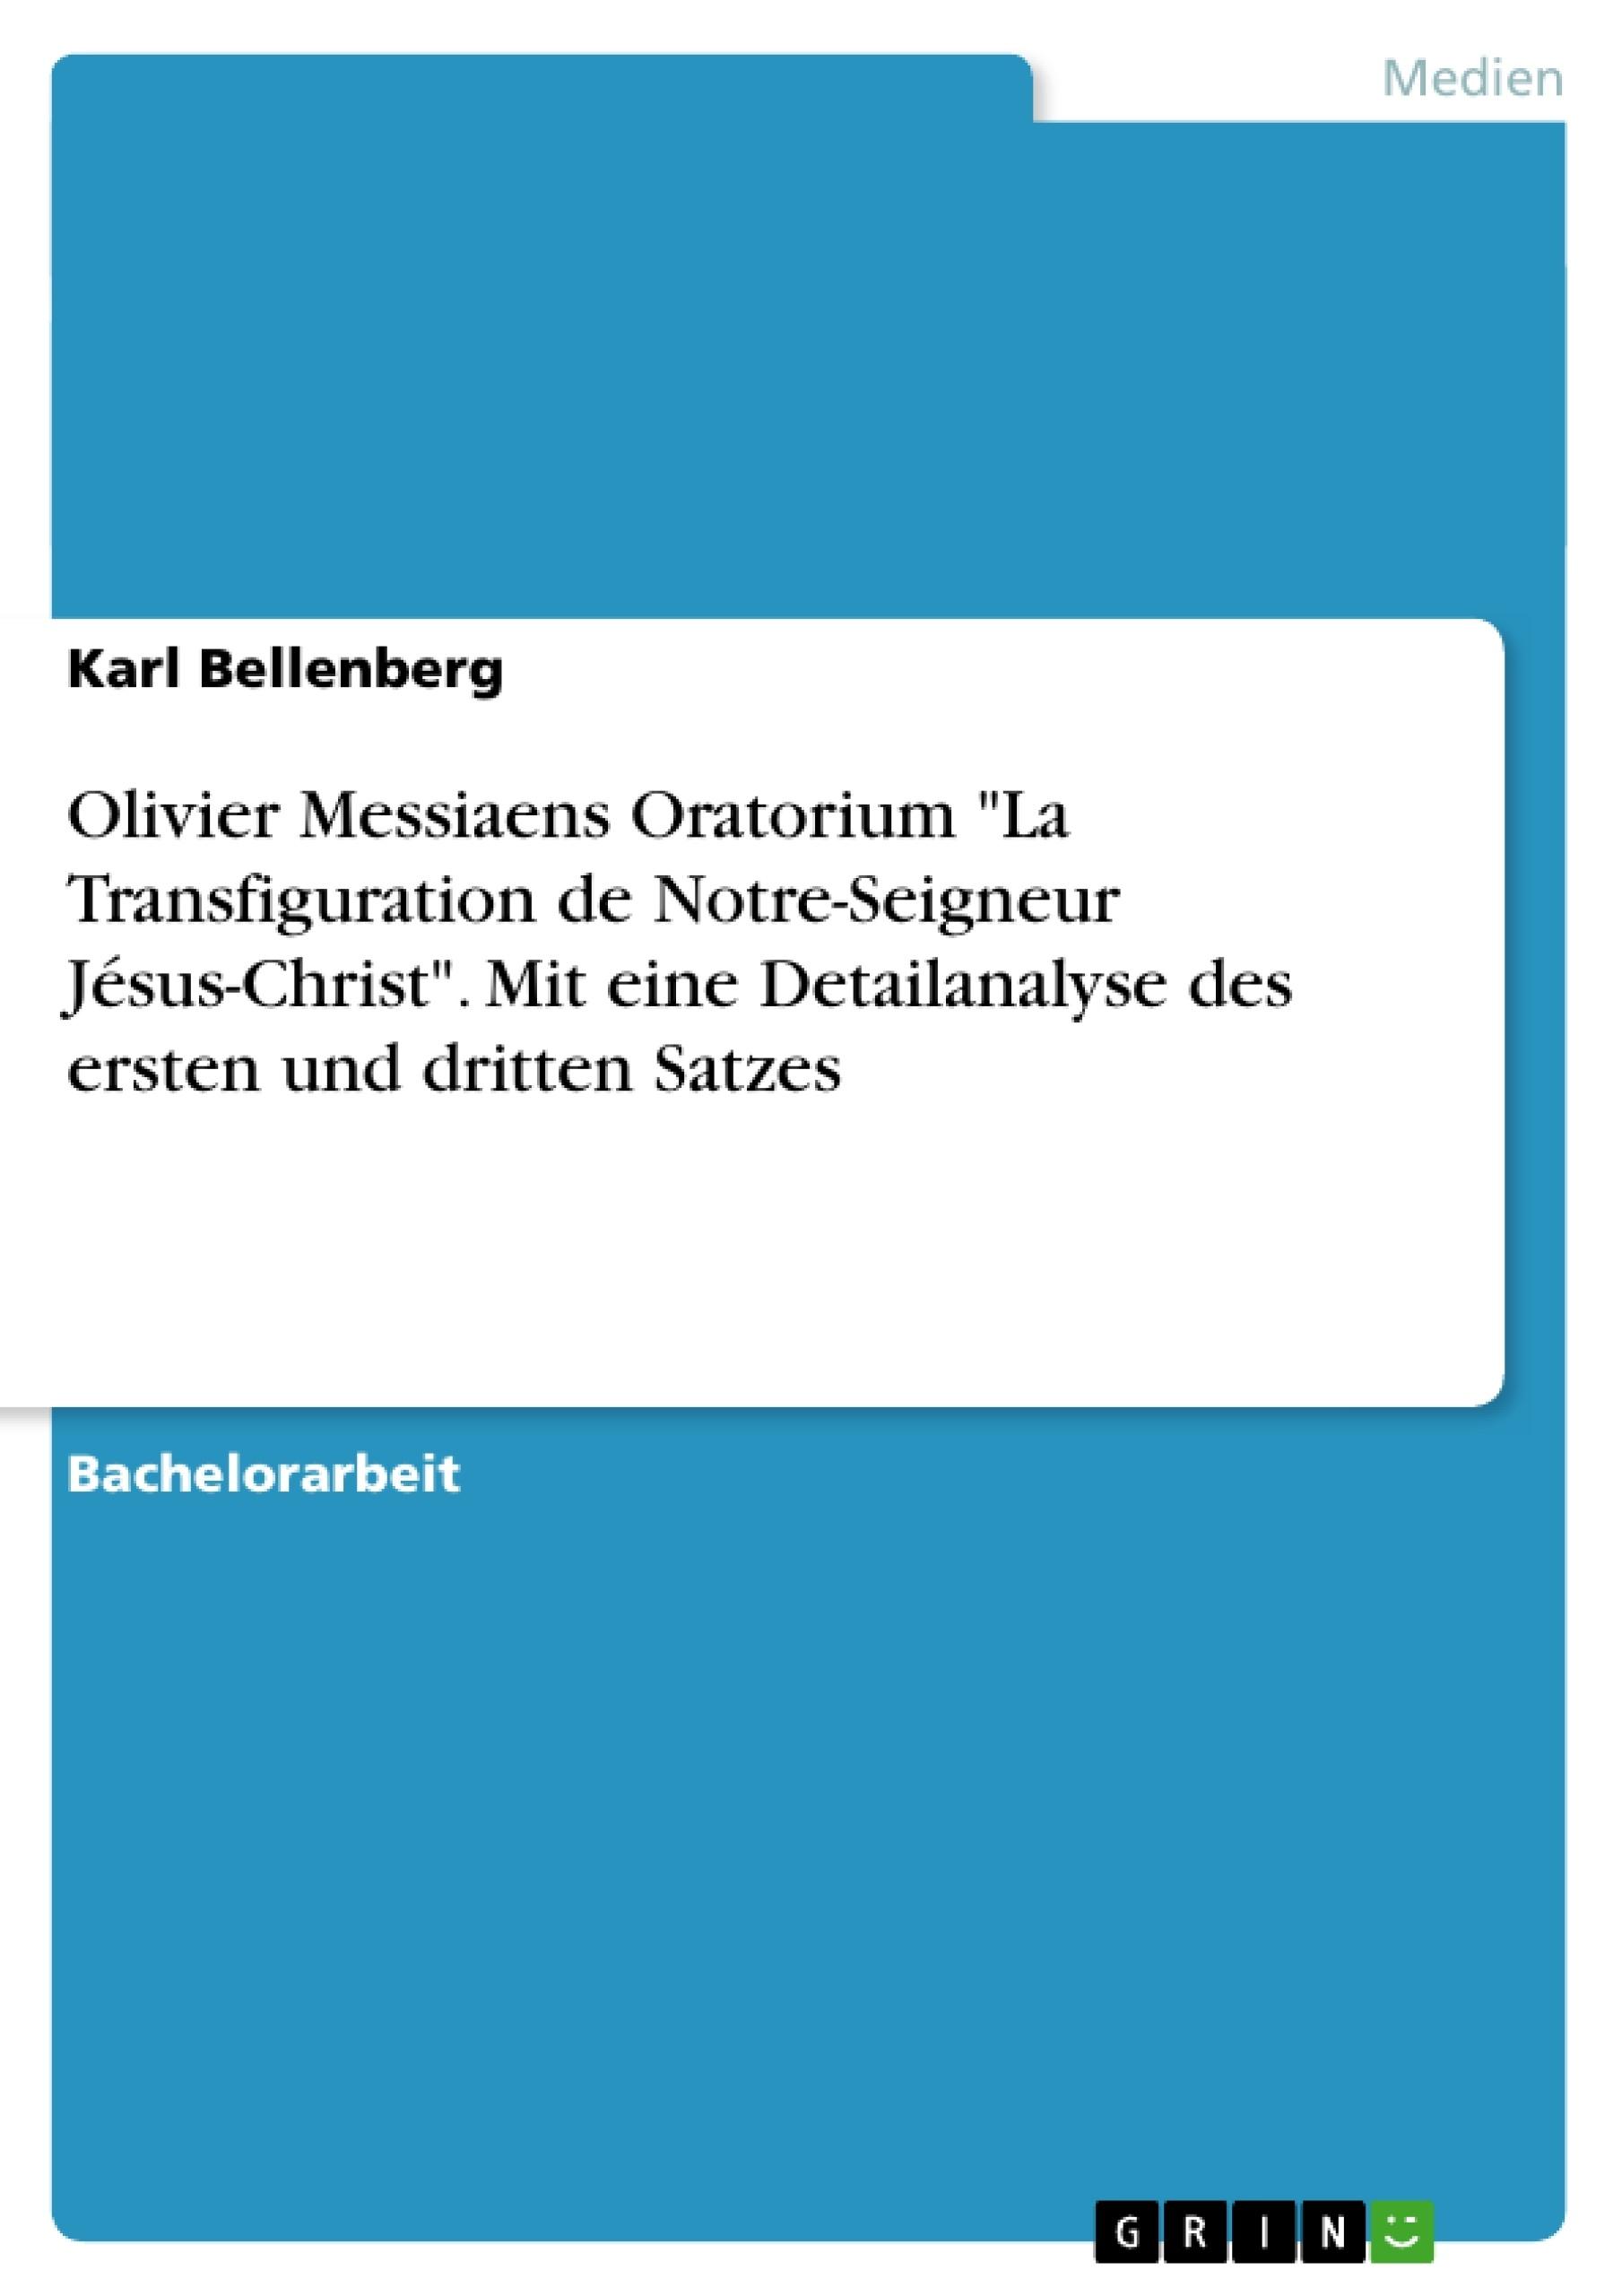 """Titel: Olivier Messiaens Oratorium """"La Transfiguration de Notre-Seigneur Jésus-Christ"""". Mit Detailanalyse des ersten und dritten Satzes"""